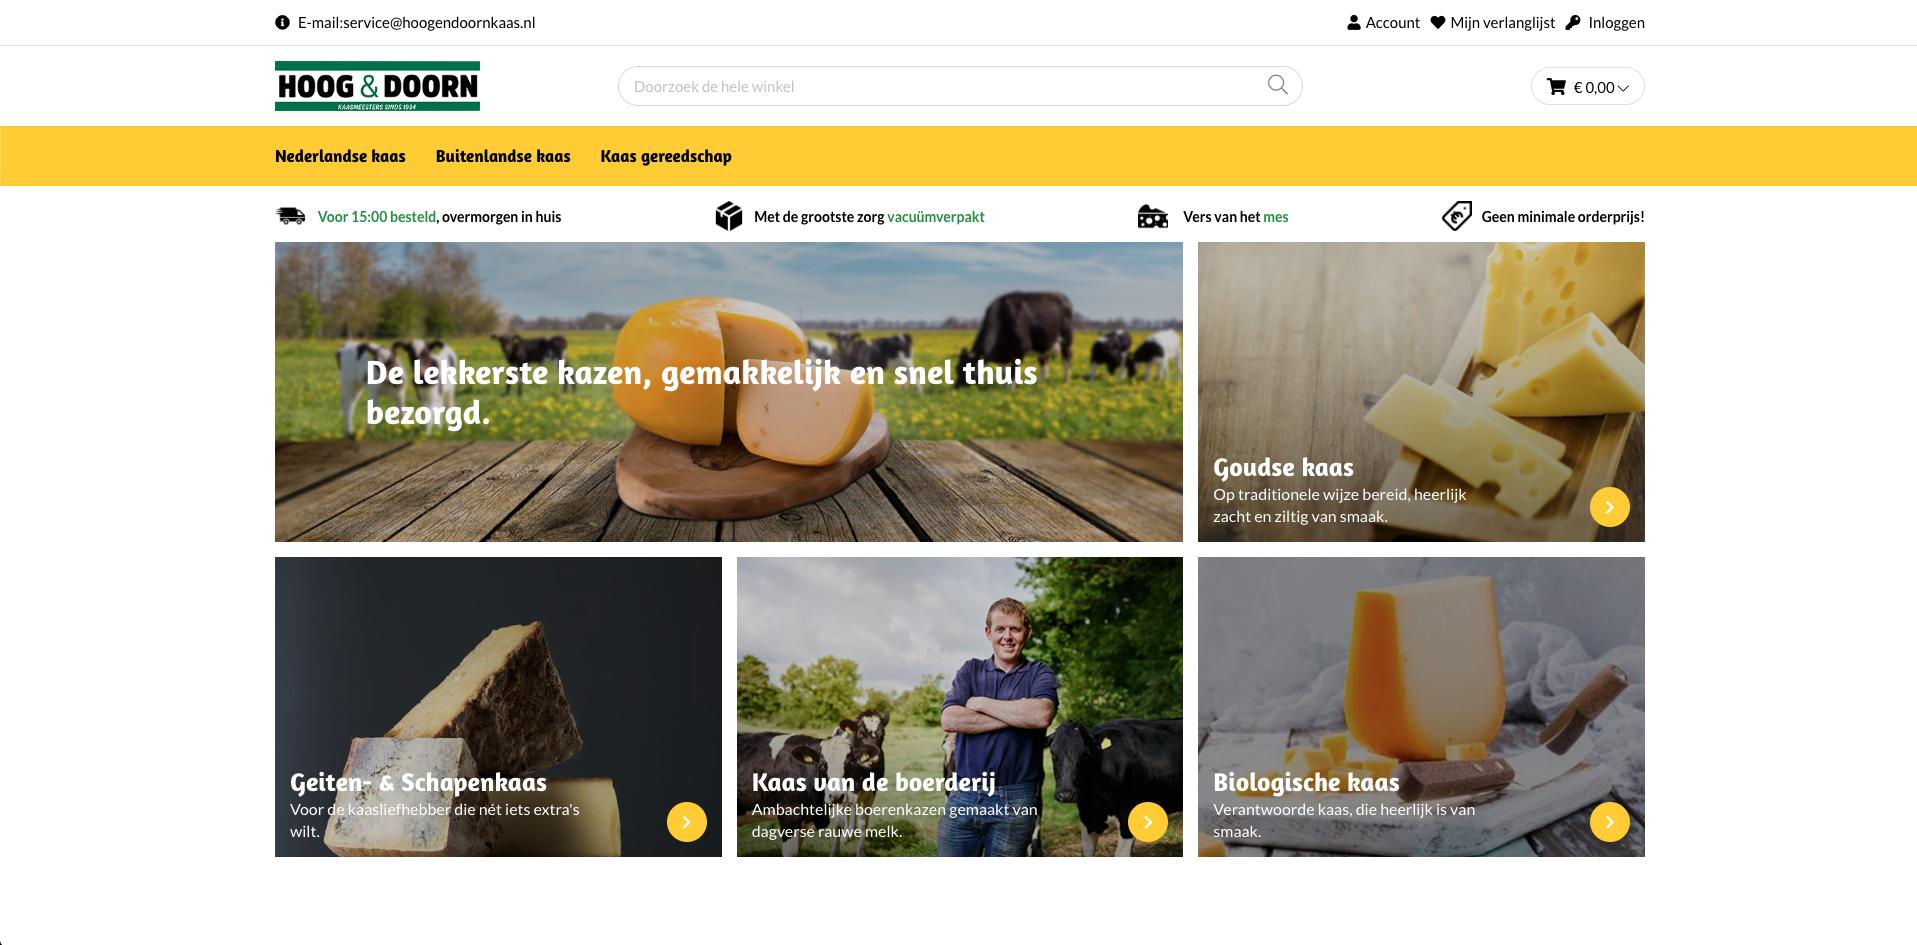 Homepage hoogendoornkaas.nl